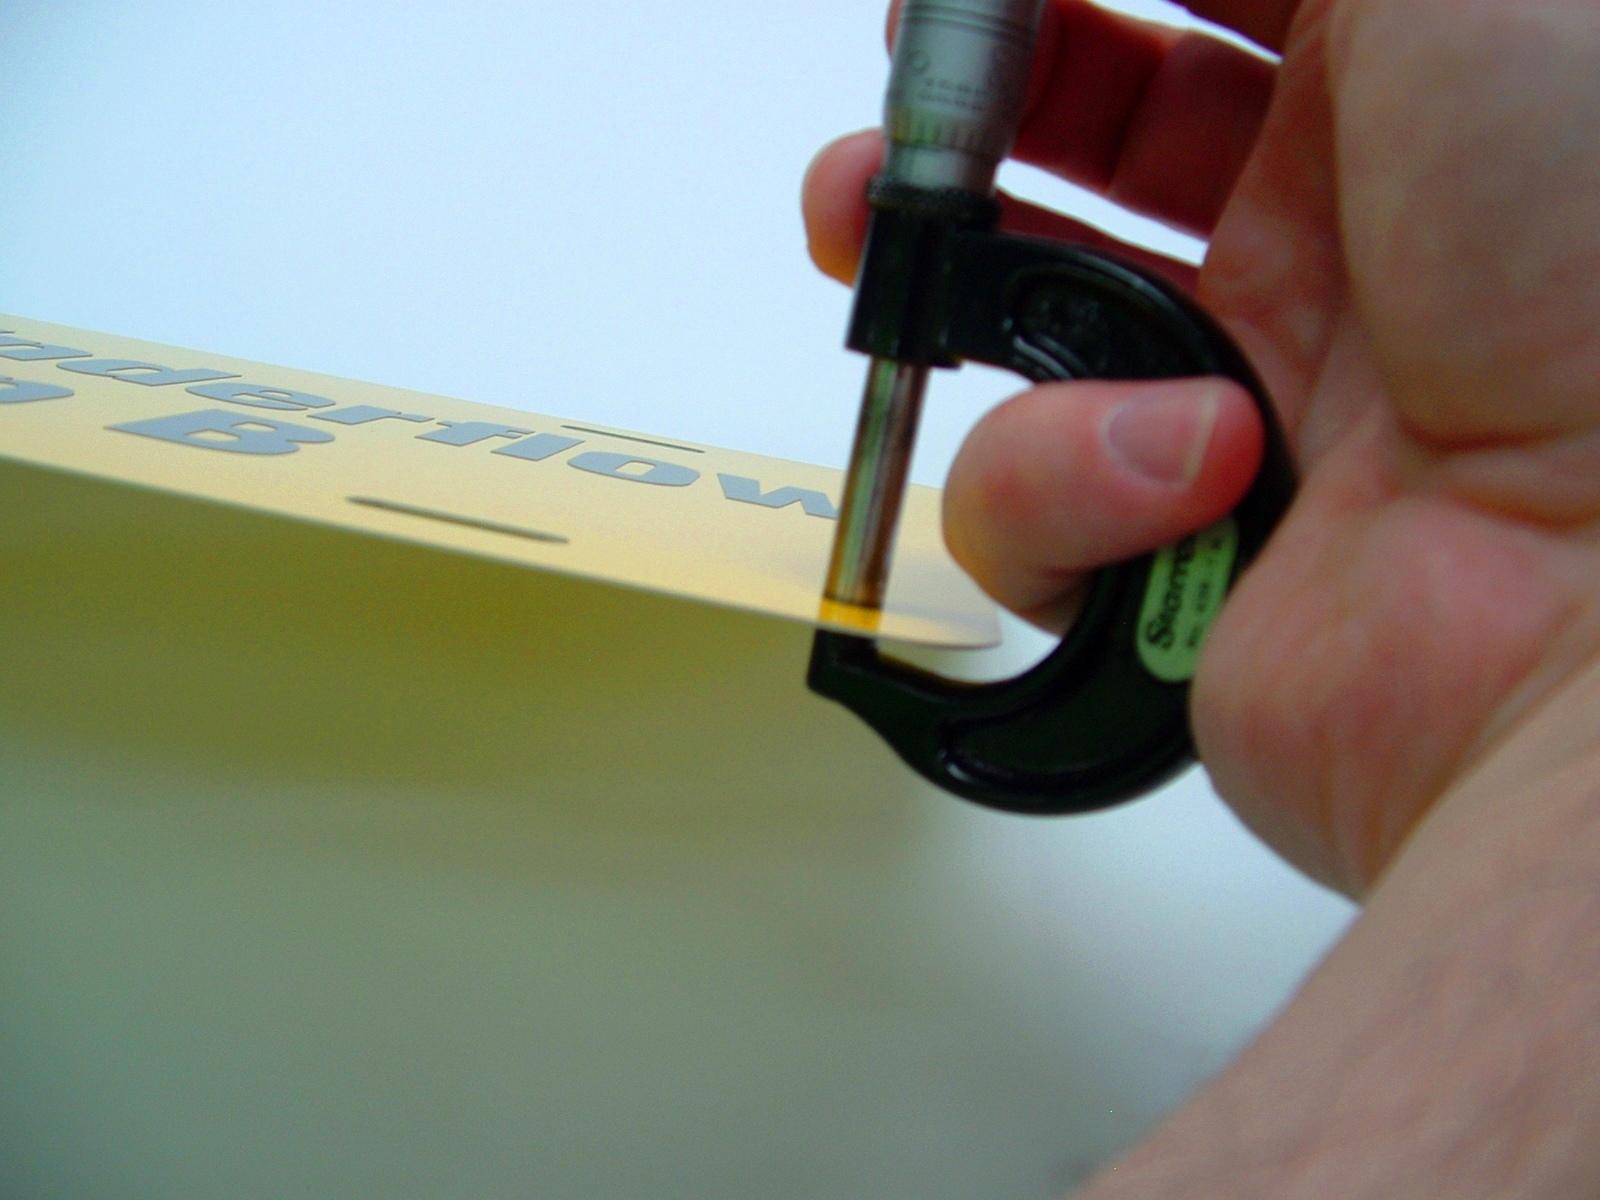 apc-cs126-custom-safety-sign-0.025.jpg